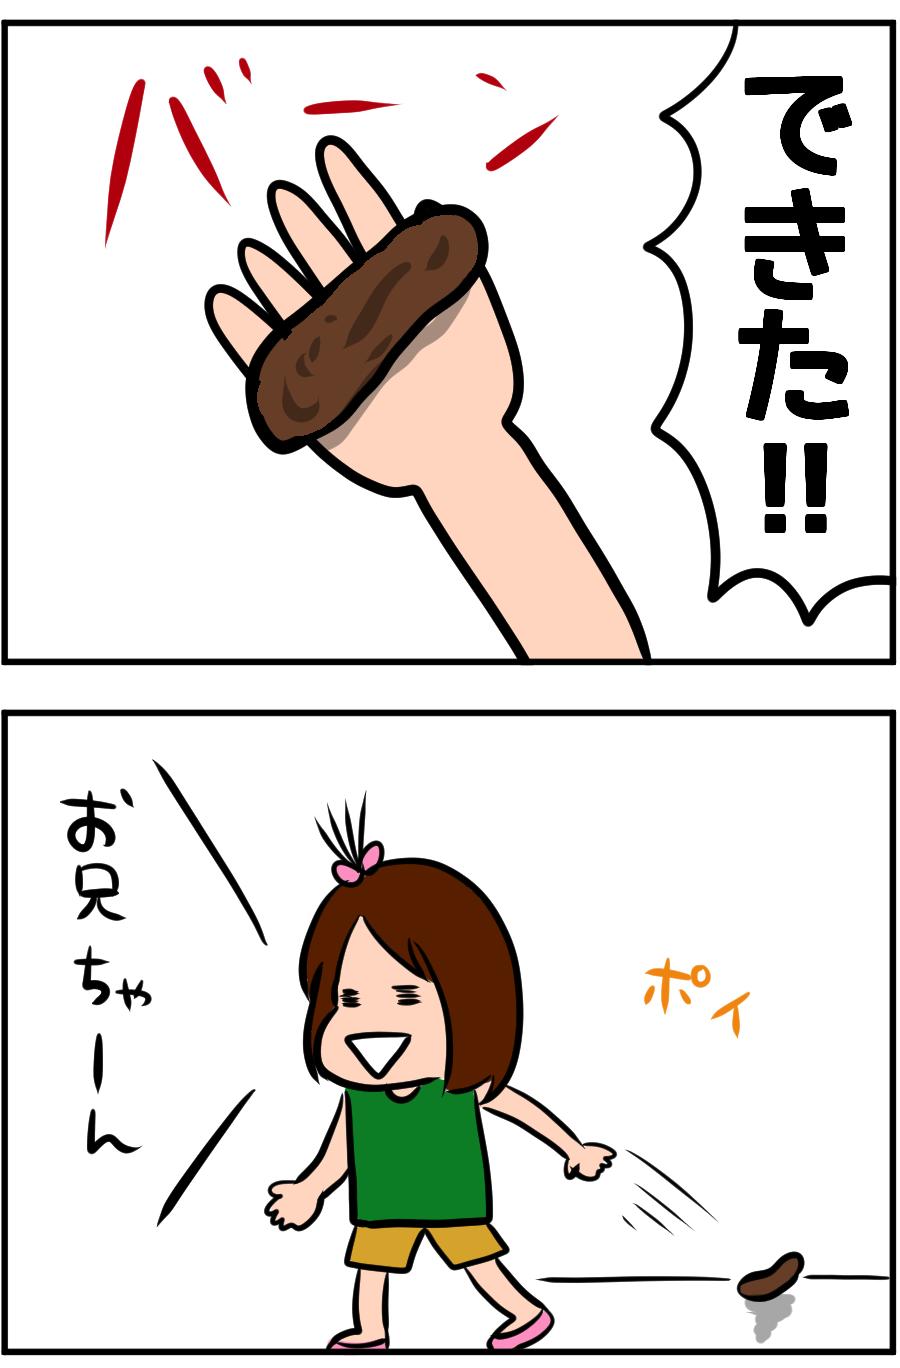 兄への制裁 : ダメ人間の鈴木で...